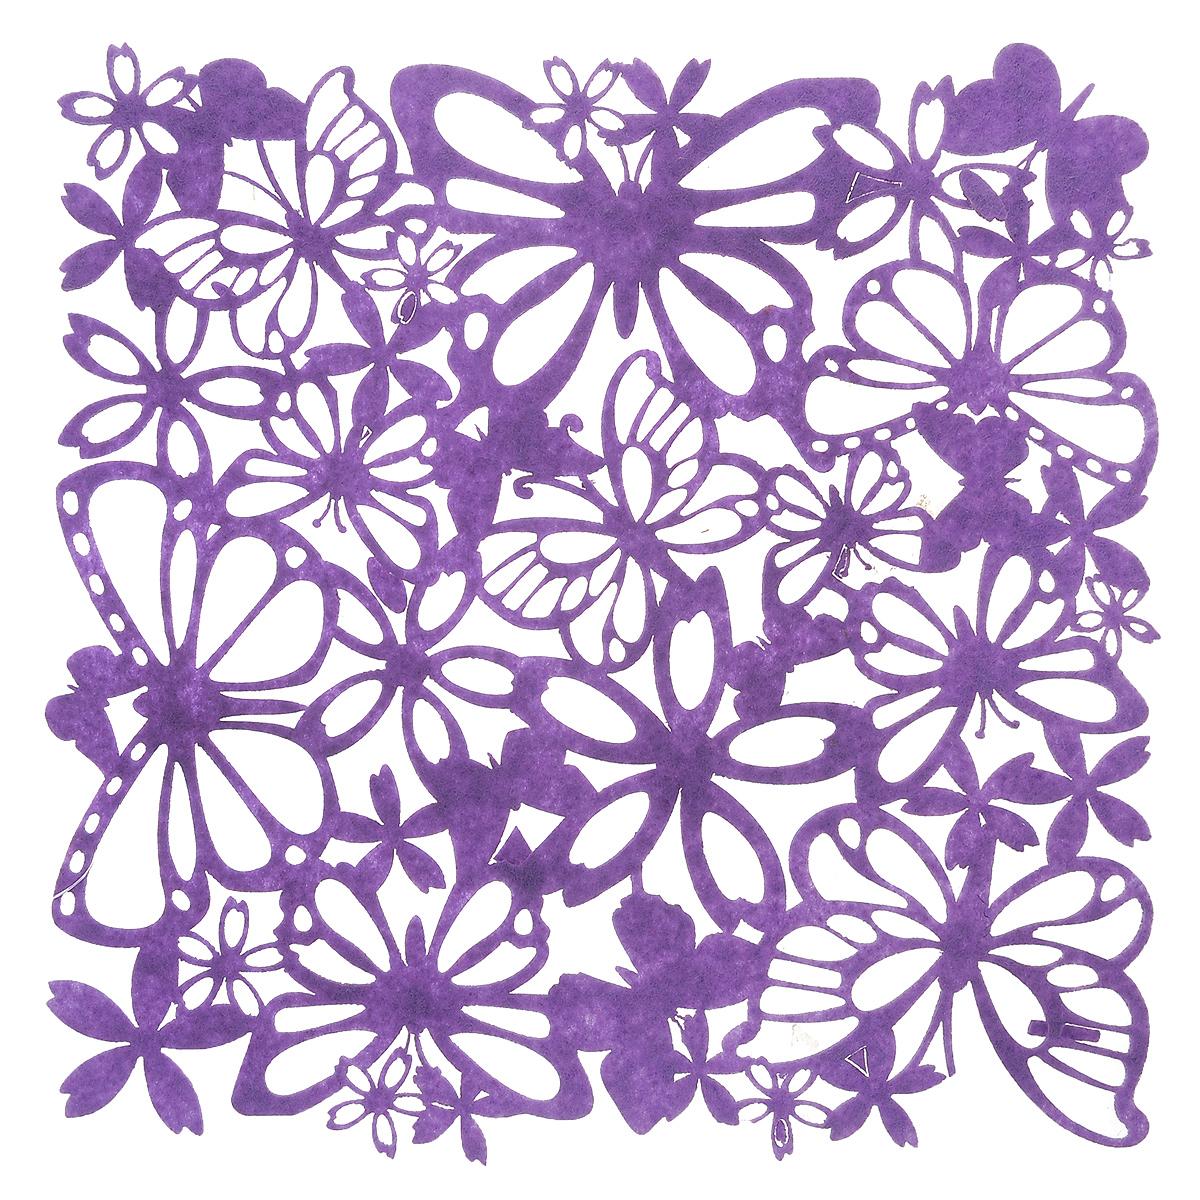 Салфетка Home Queen Взмах крыльев, цвет: фиолетовый, 30 х 30 см66841Квадратная салфетка Home Queen Взмах крыльев изготовлена из фетра и оформлена изысканной перфорацией в виде цветочных узоров и бабочек. Такая салфетка прекрасно подойдет для украшения интерьера кухни, она сбережет стол от высоких температур и грязи.